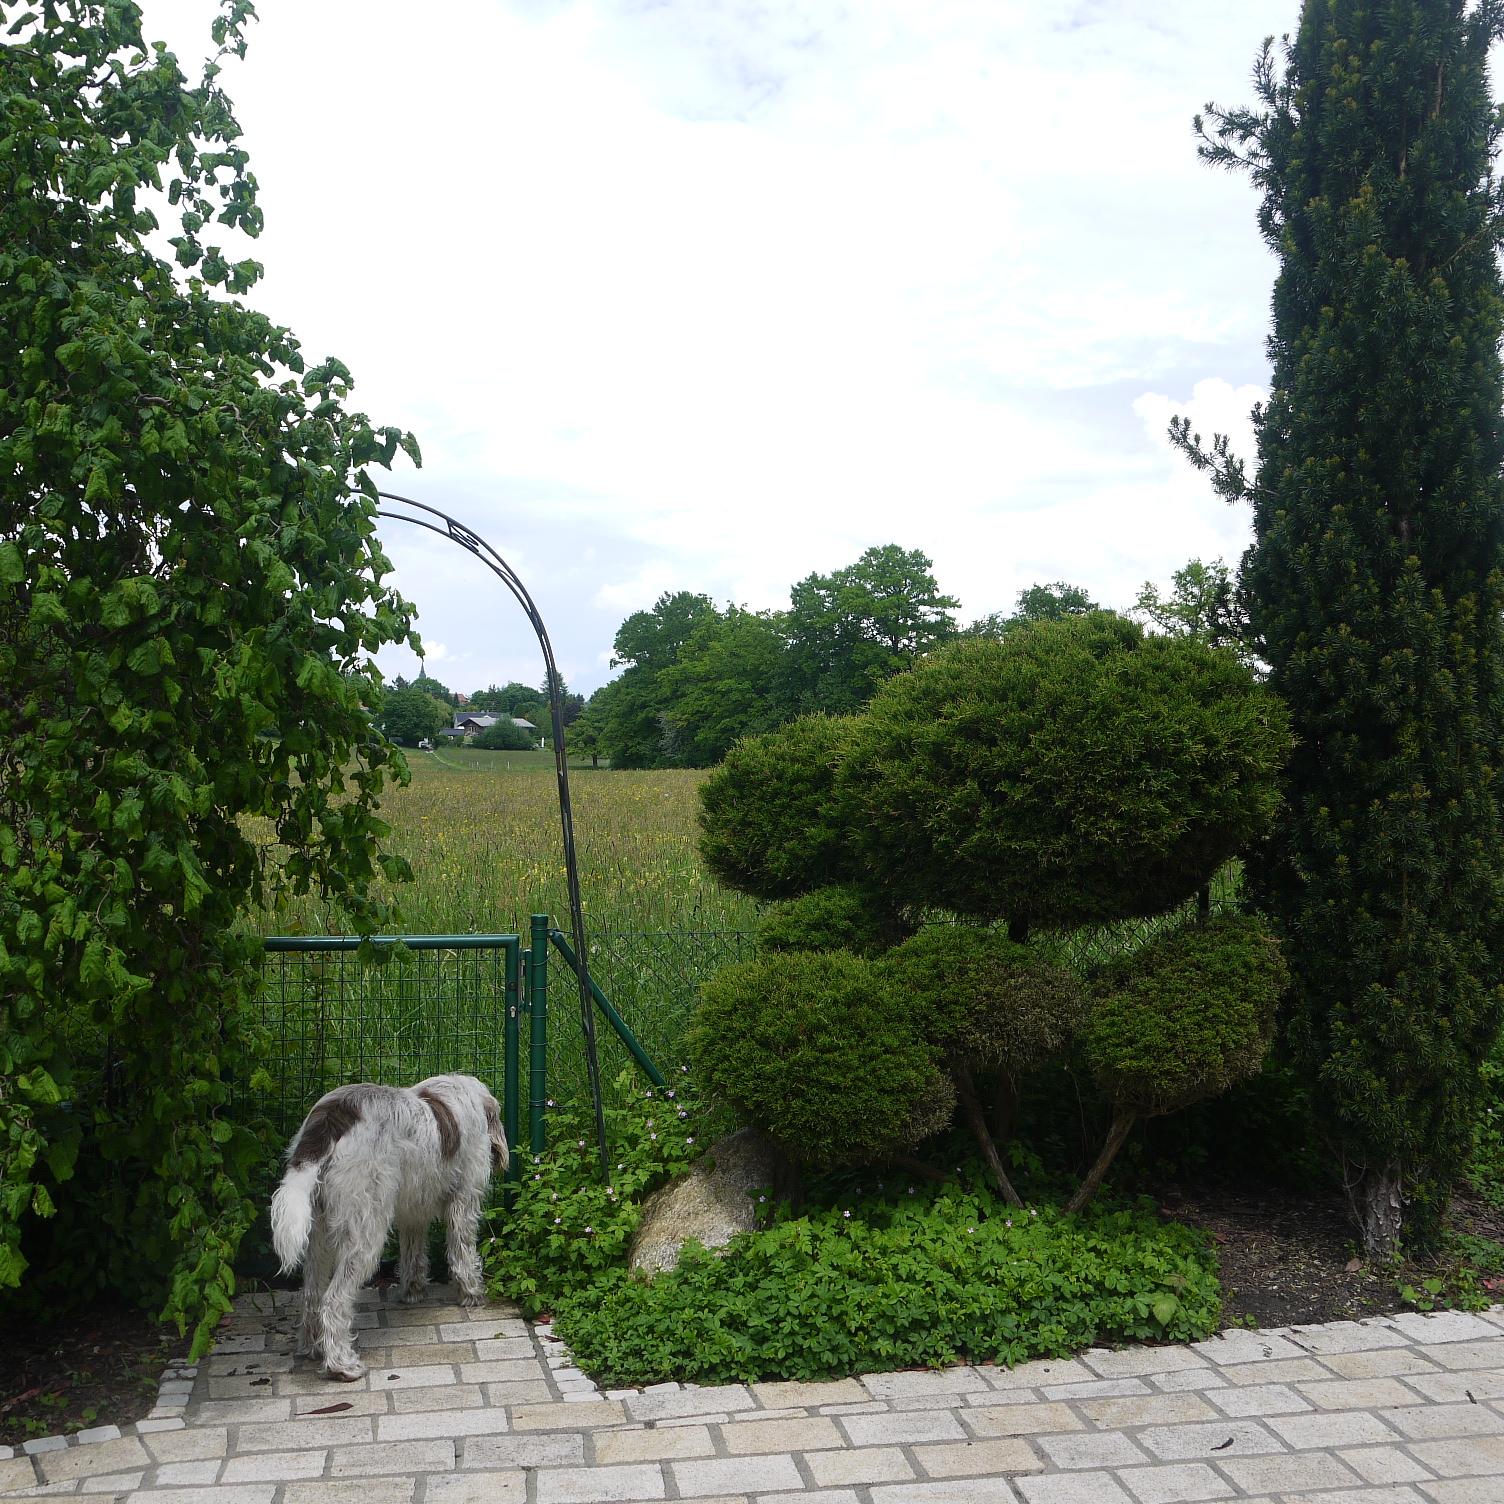 Ausgang vom Landhaus in Berg in das Naturschutzgebiet